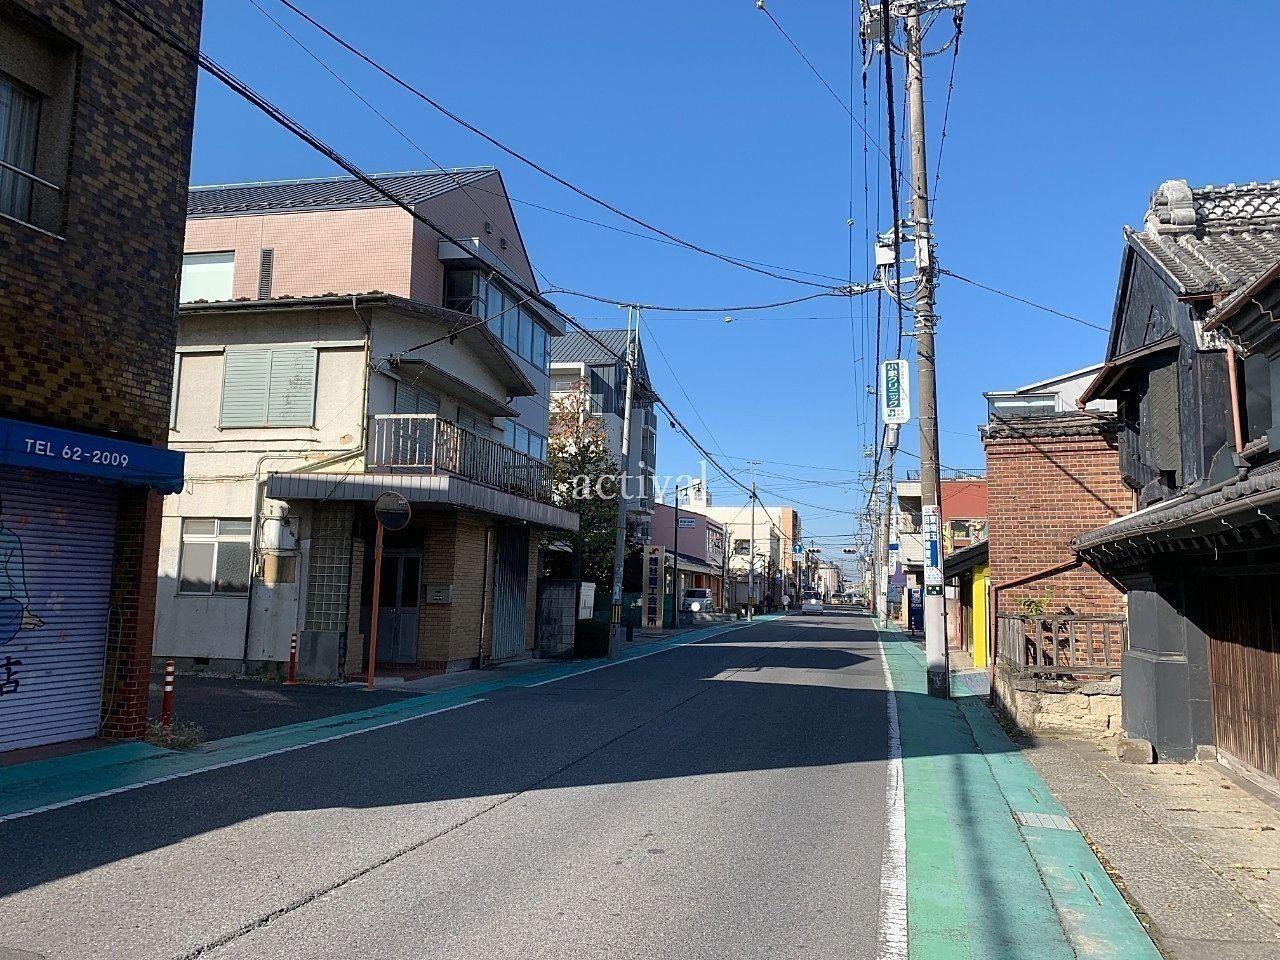 旧日光街道越ヶ谷宿付近を歩く